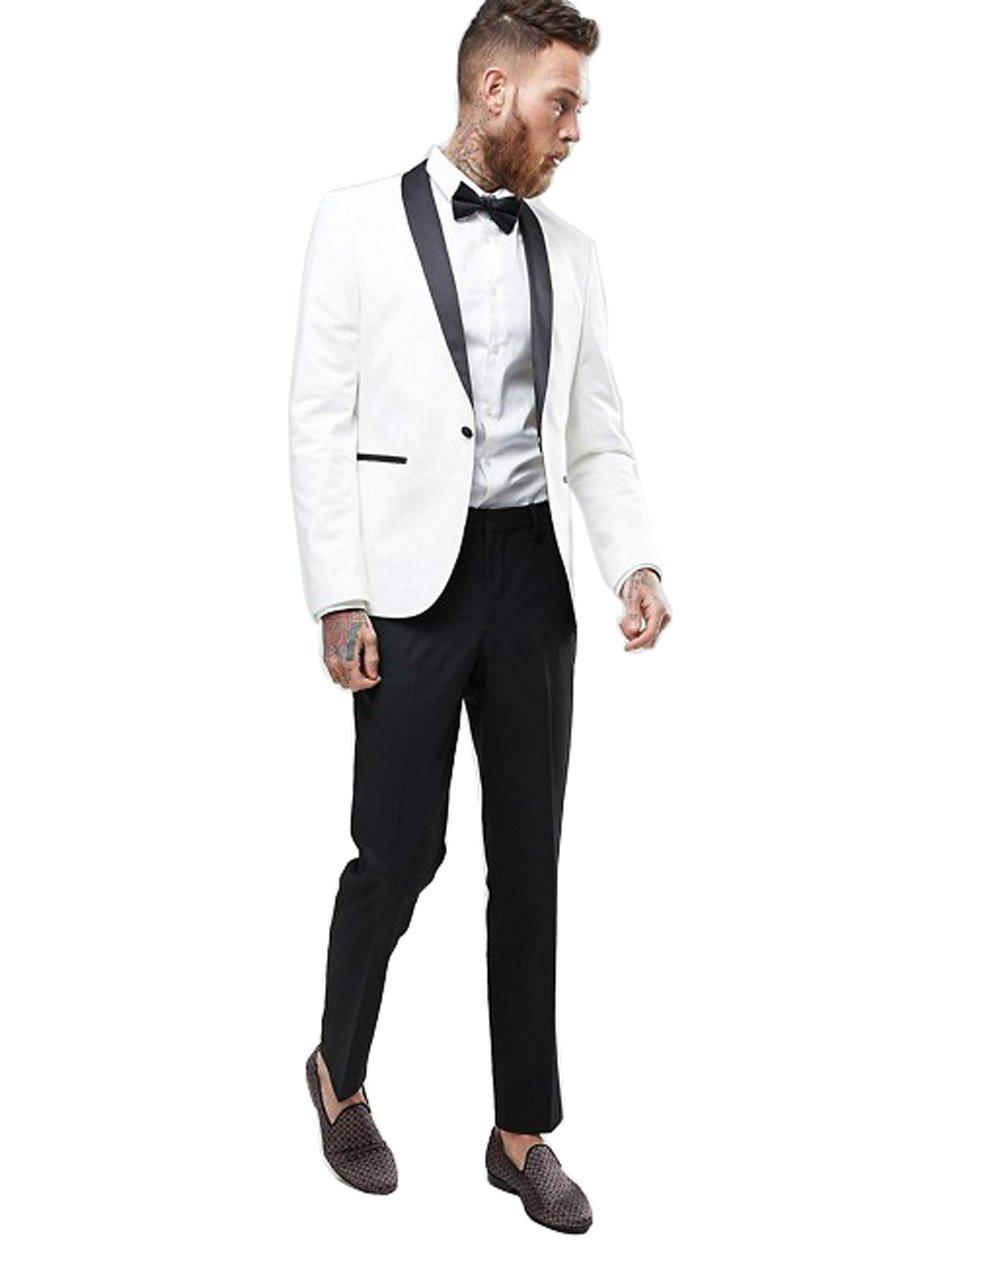 kelaixiang Men's 2 PC Business Classic Tuxedo Suit Double Breasted Suit Sets